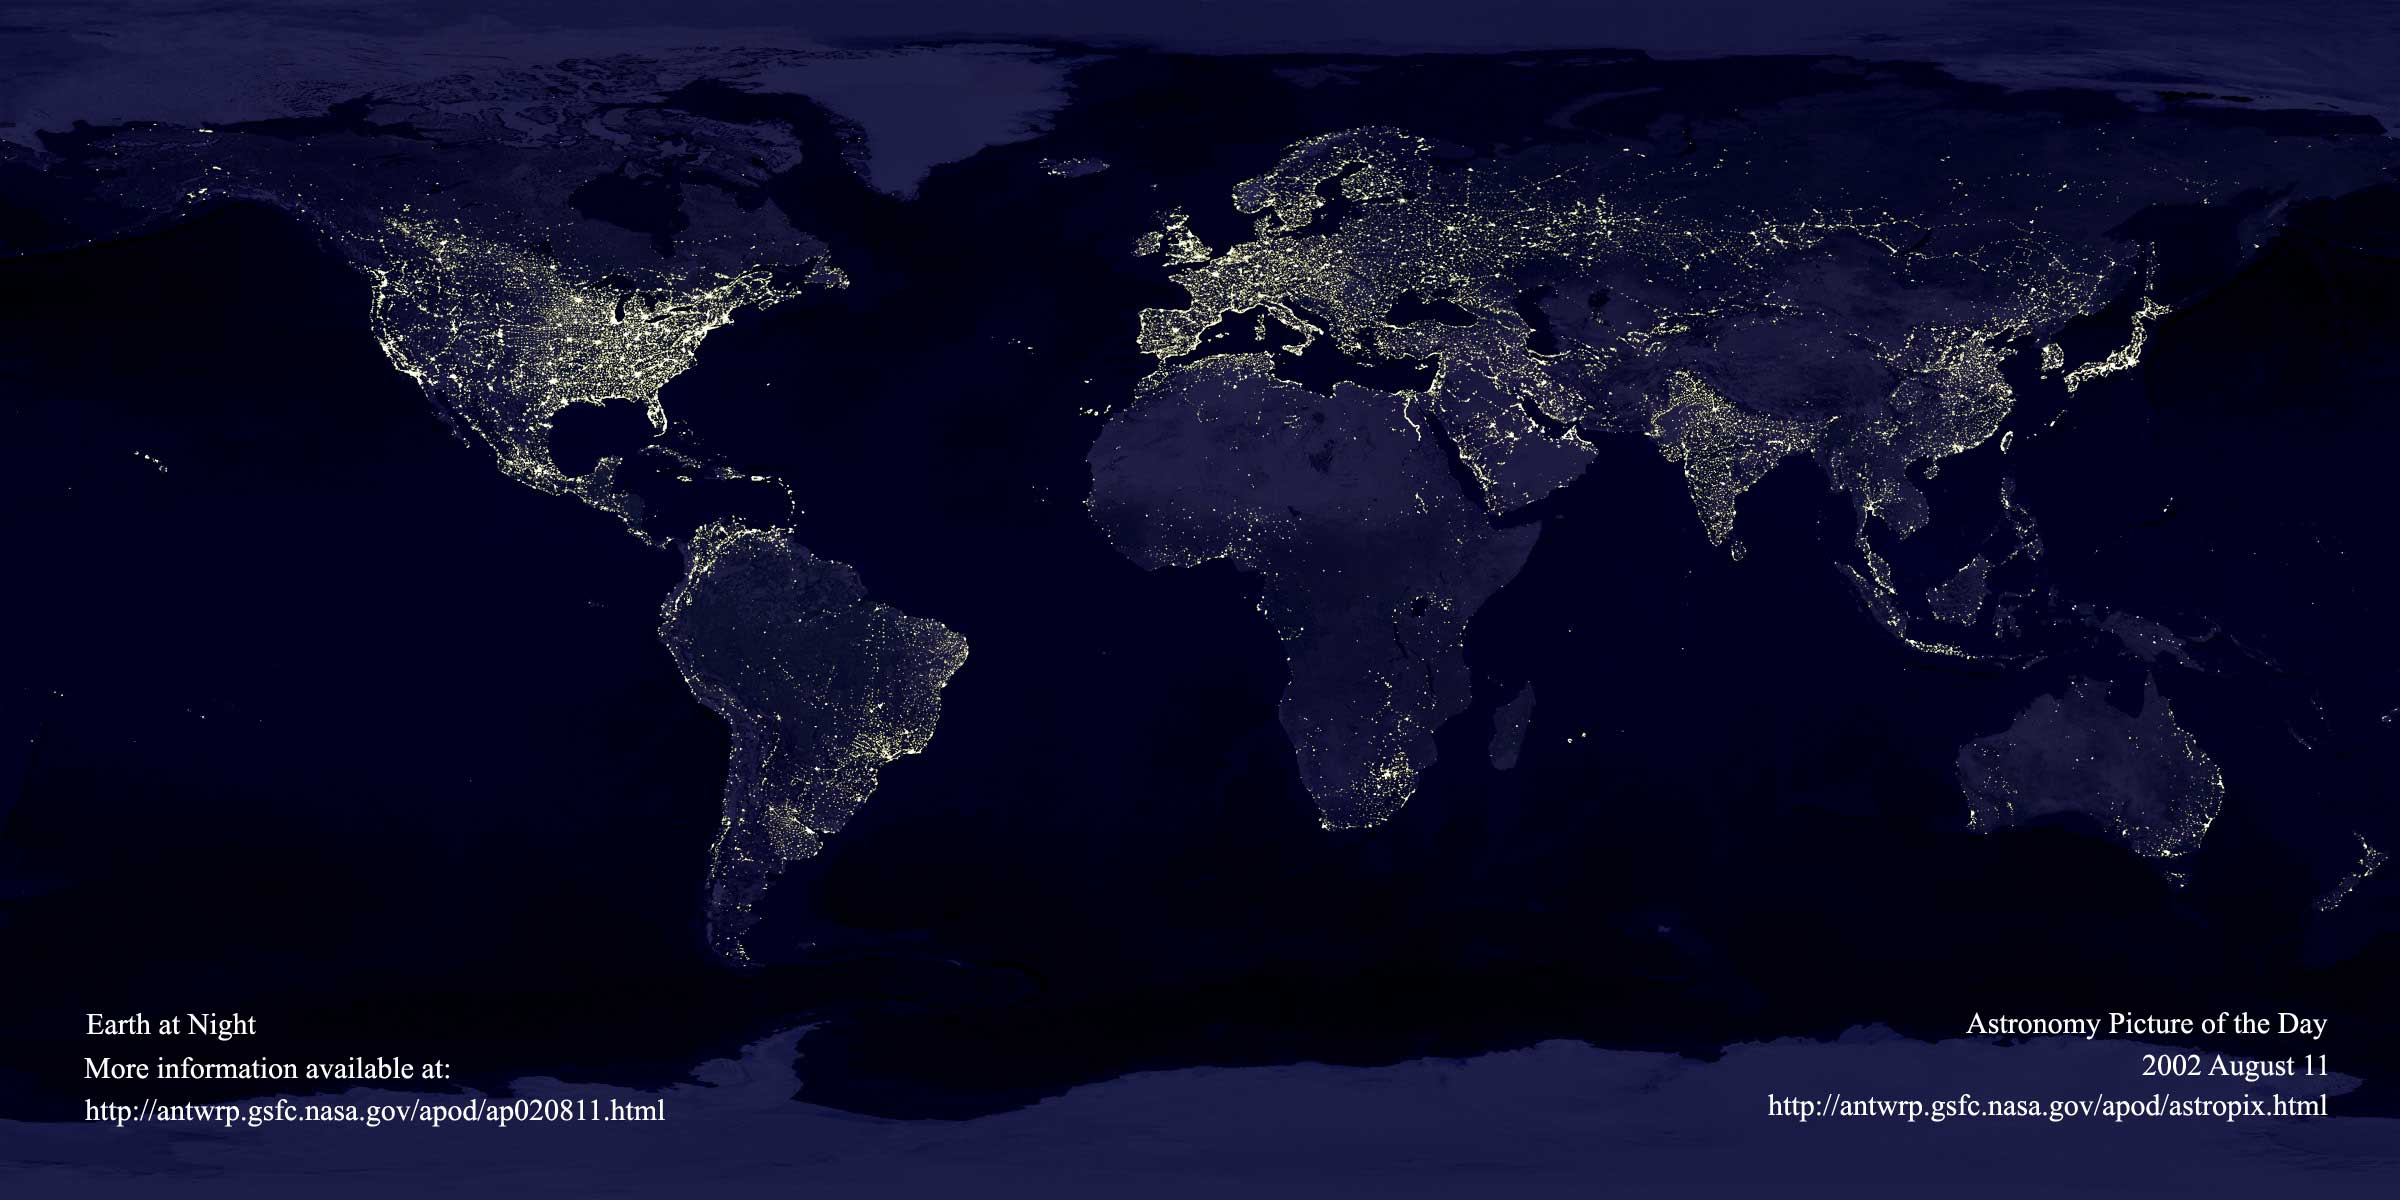 earthlights at night